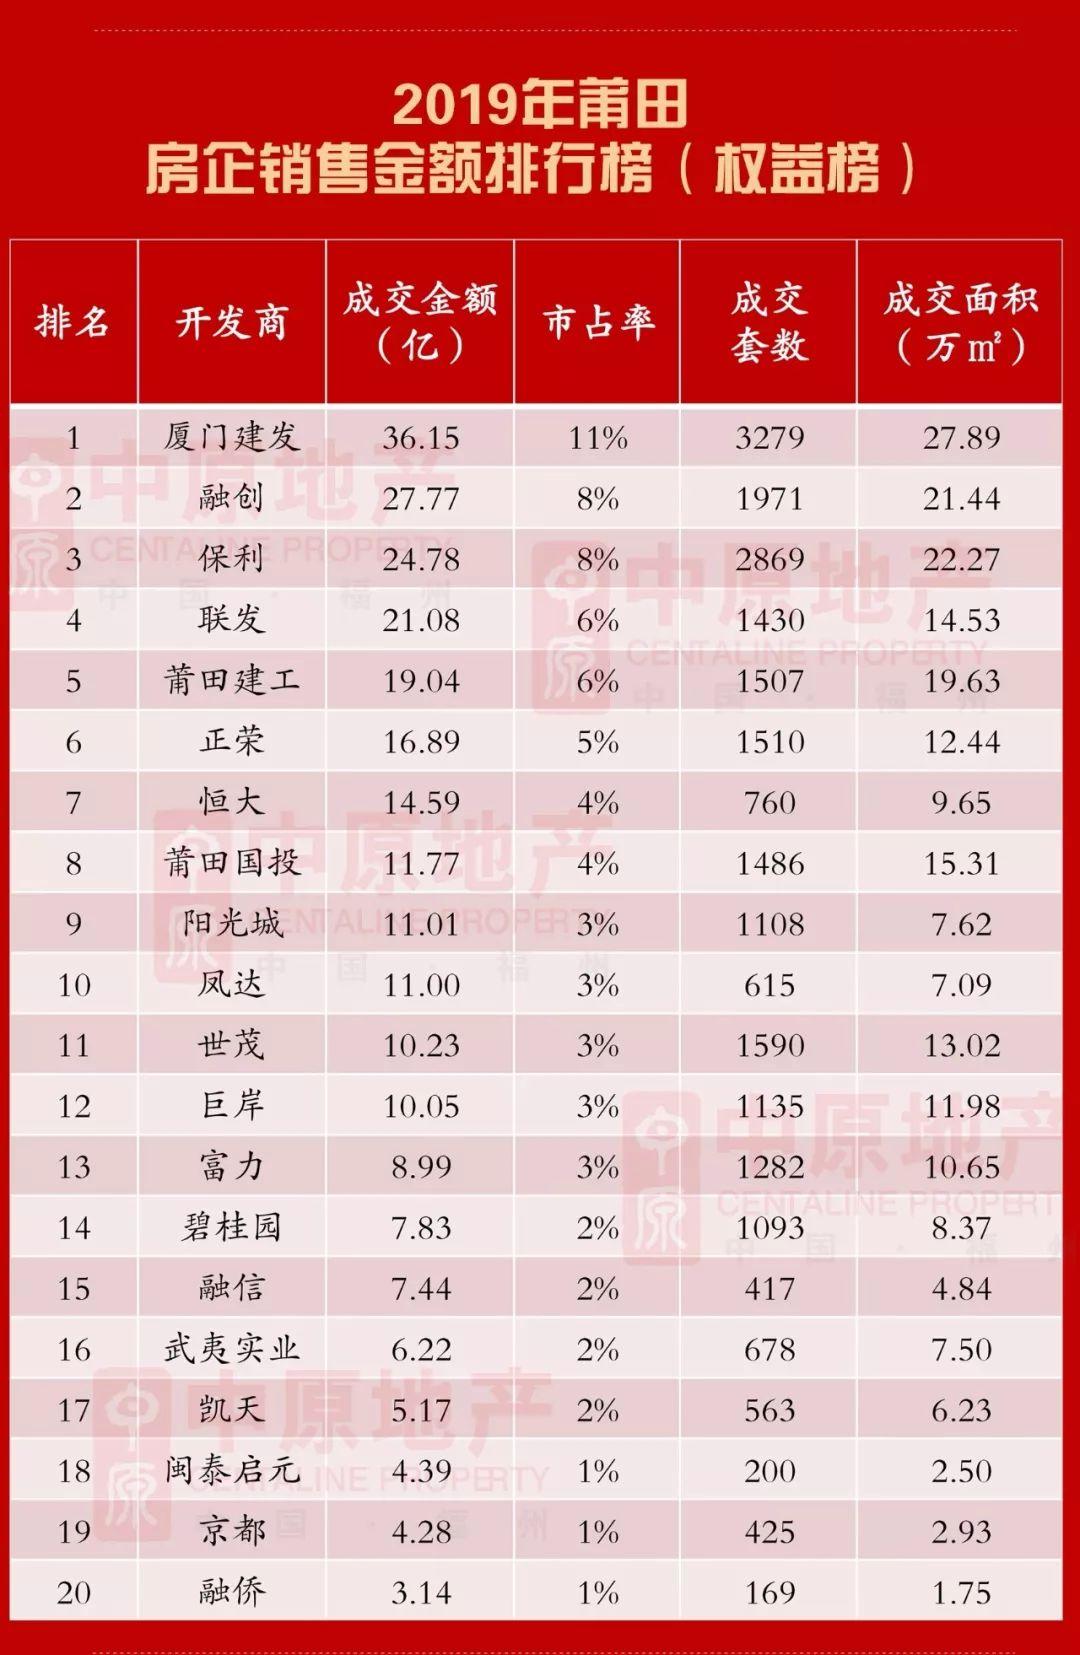 狂销百亿!19莆田楼市年度销售排行榜曝光!